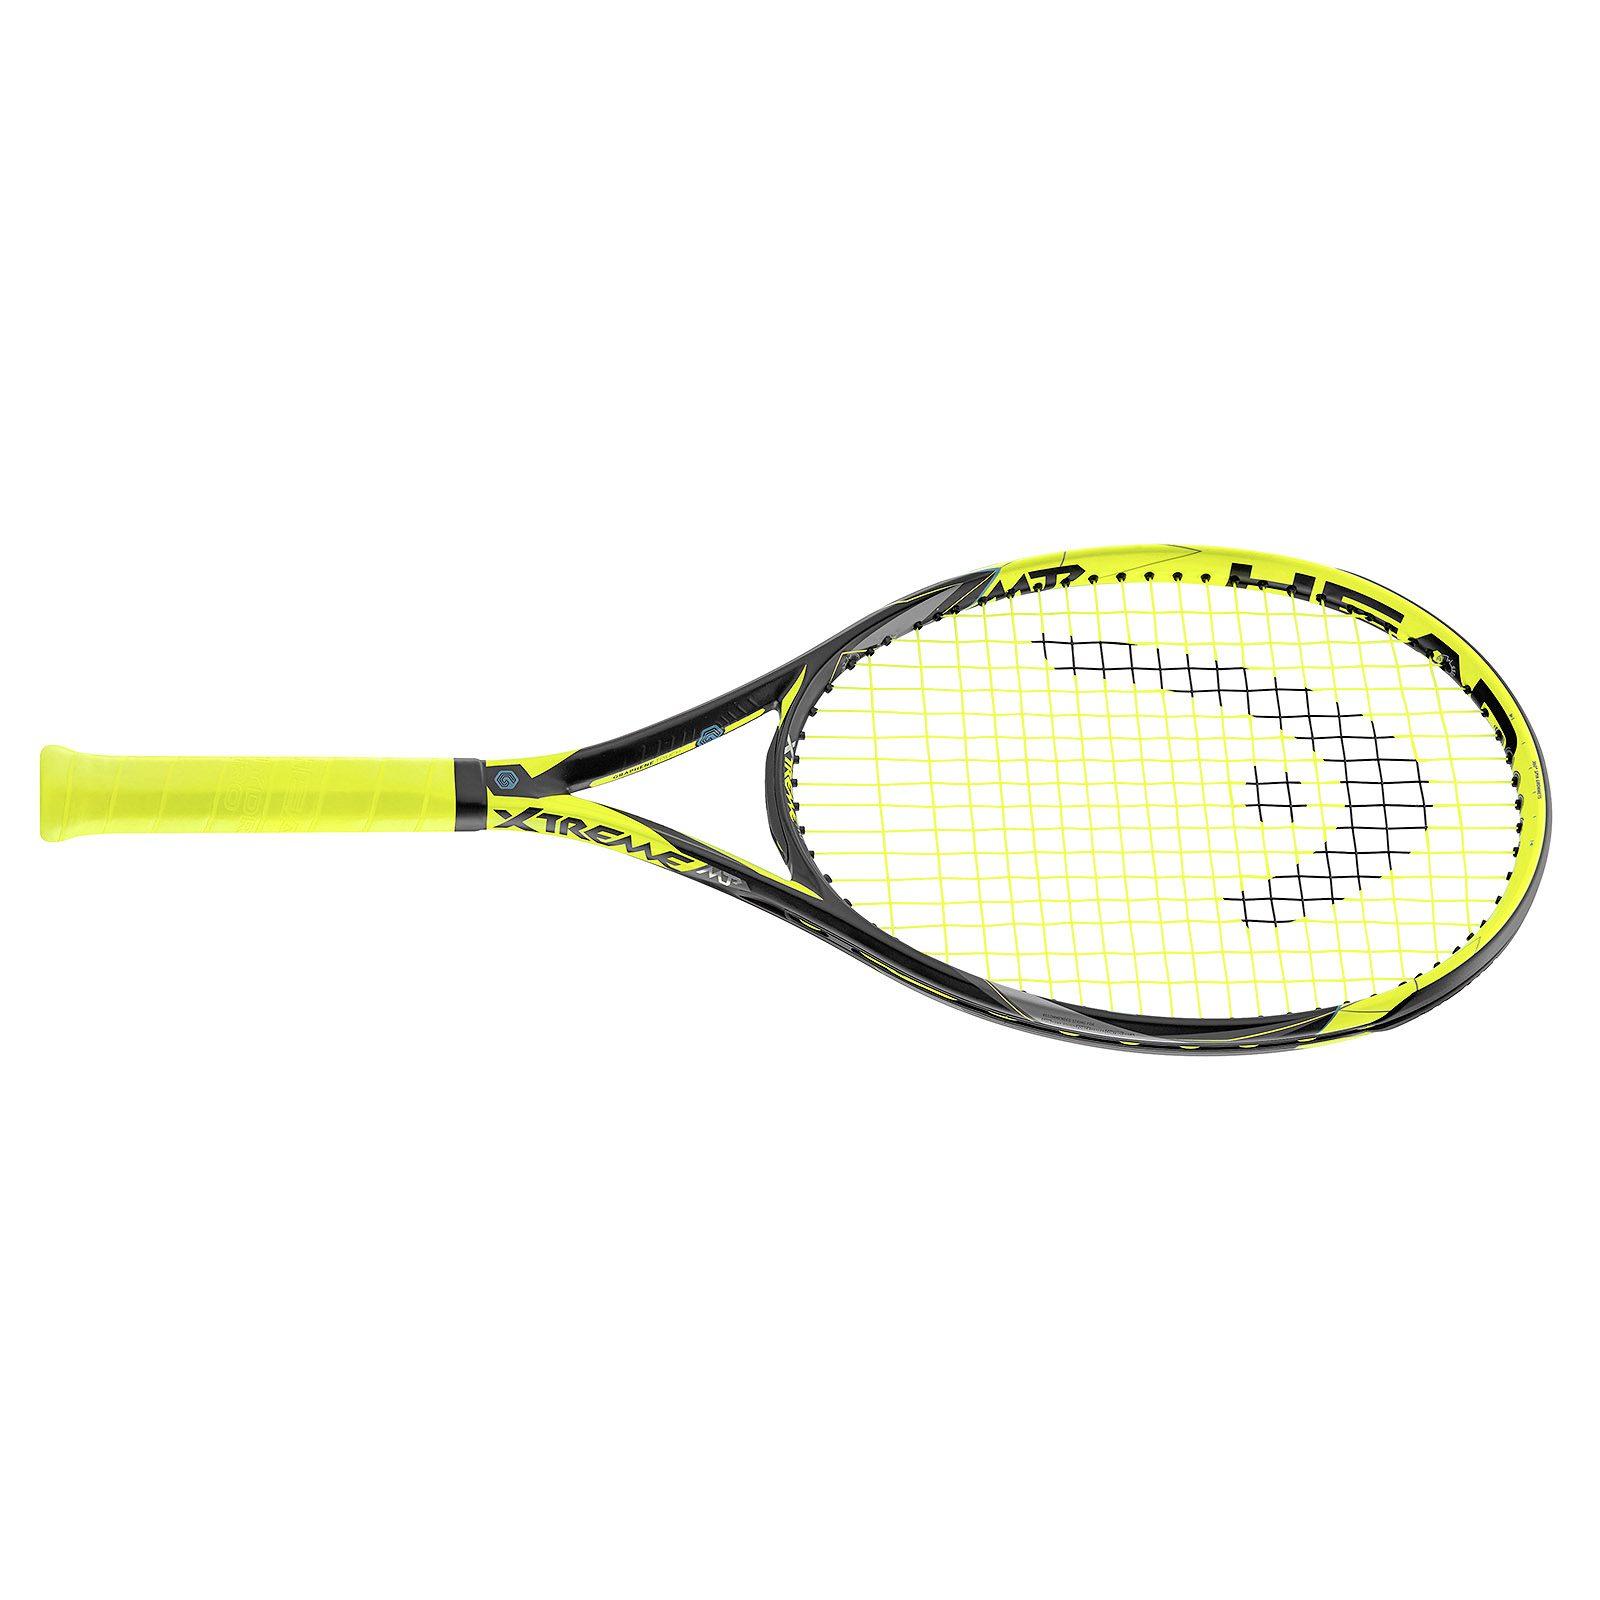 Squash disponibile in diversi colori Head Xtreme Soft racchetta-Grips per Tennis